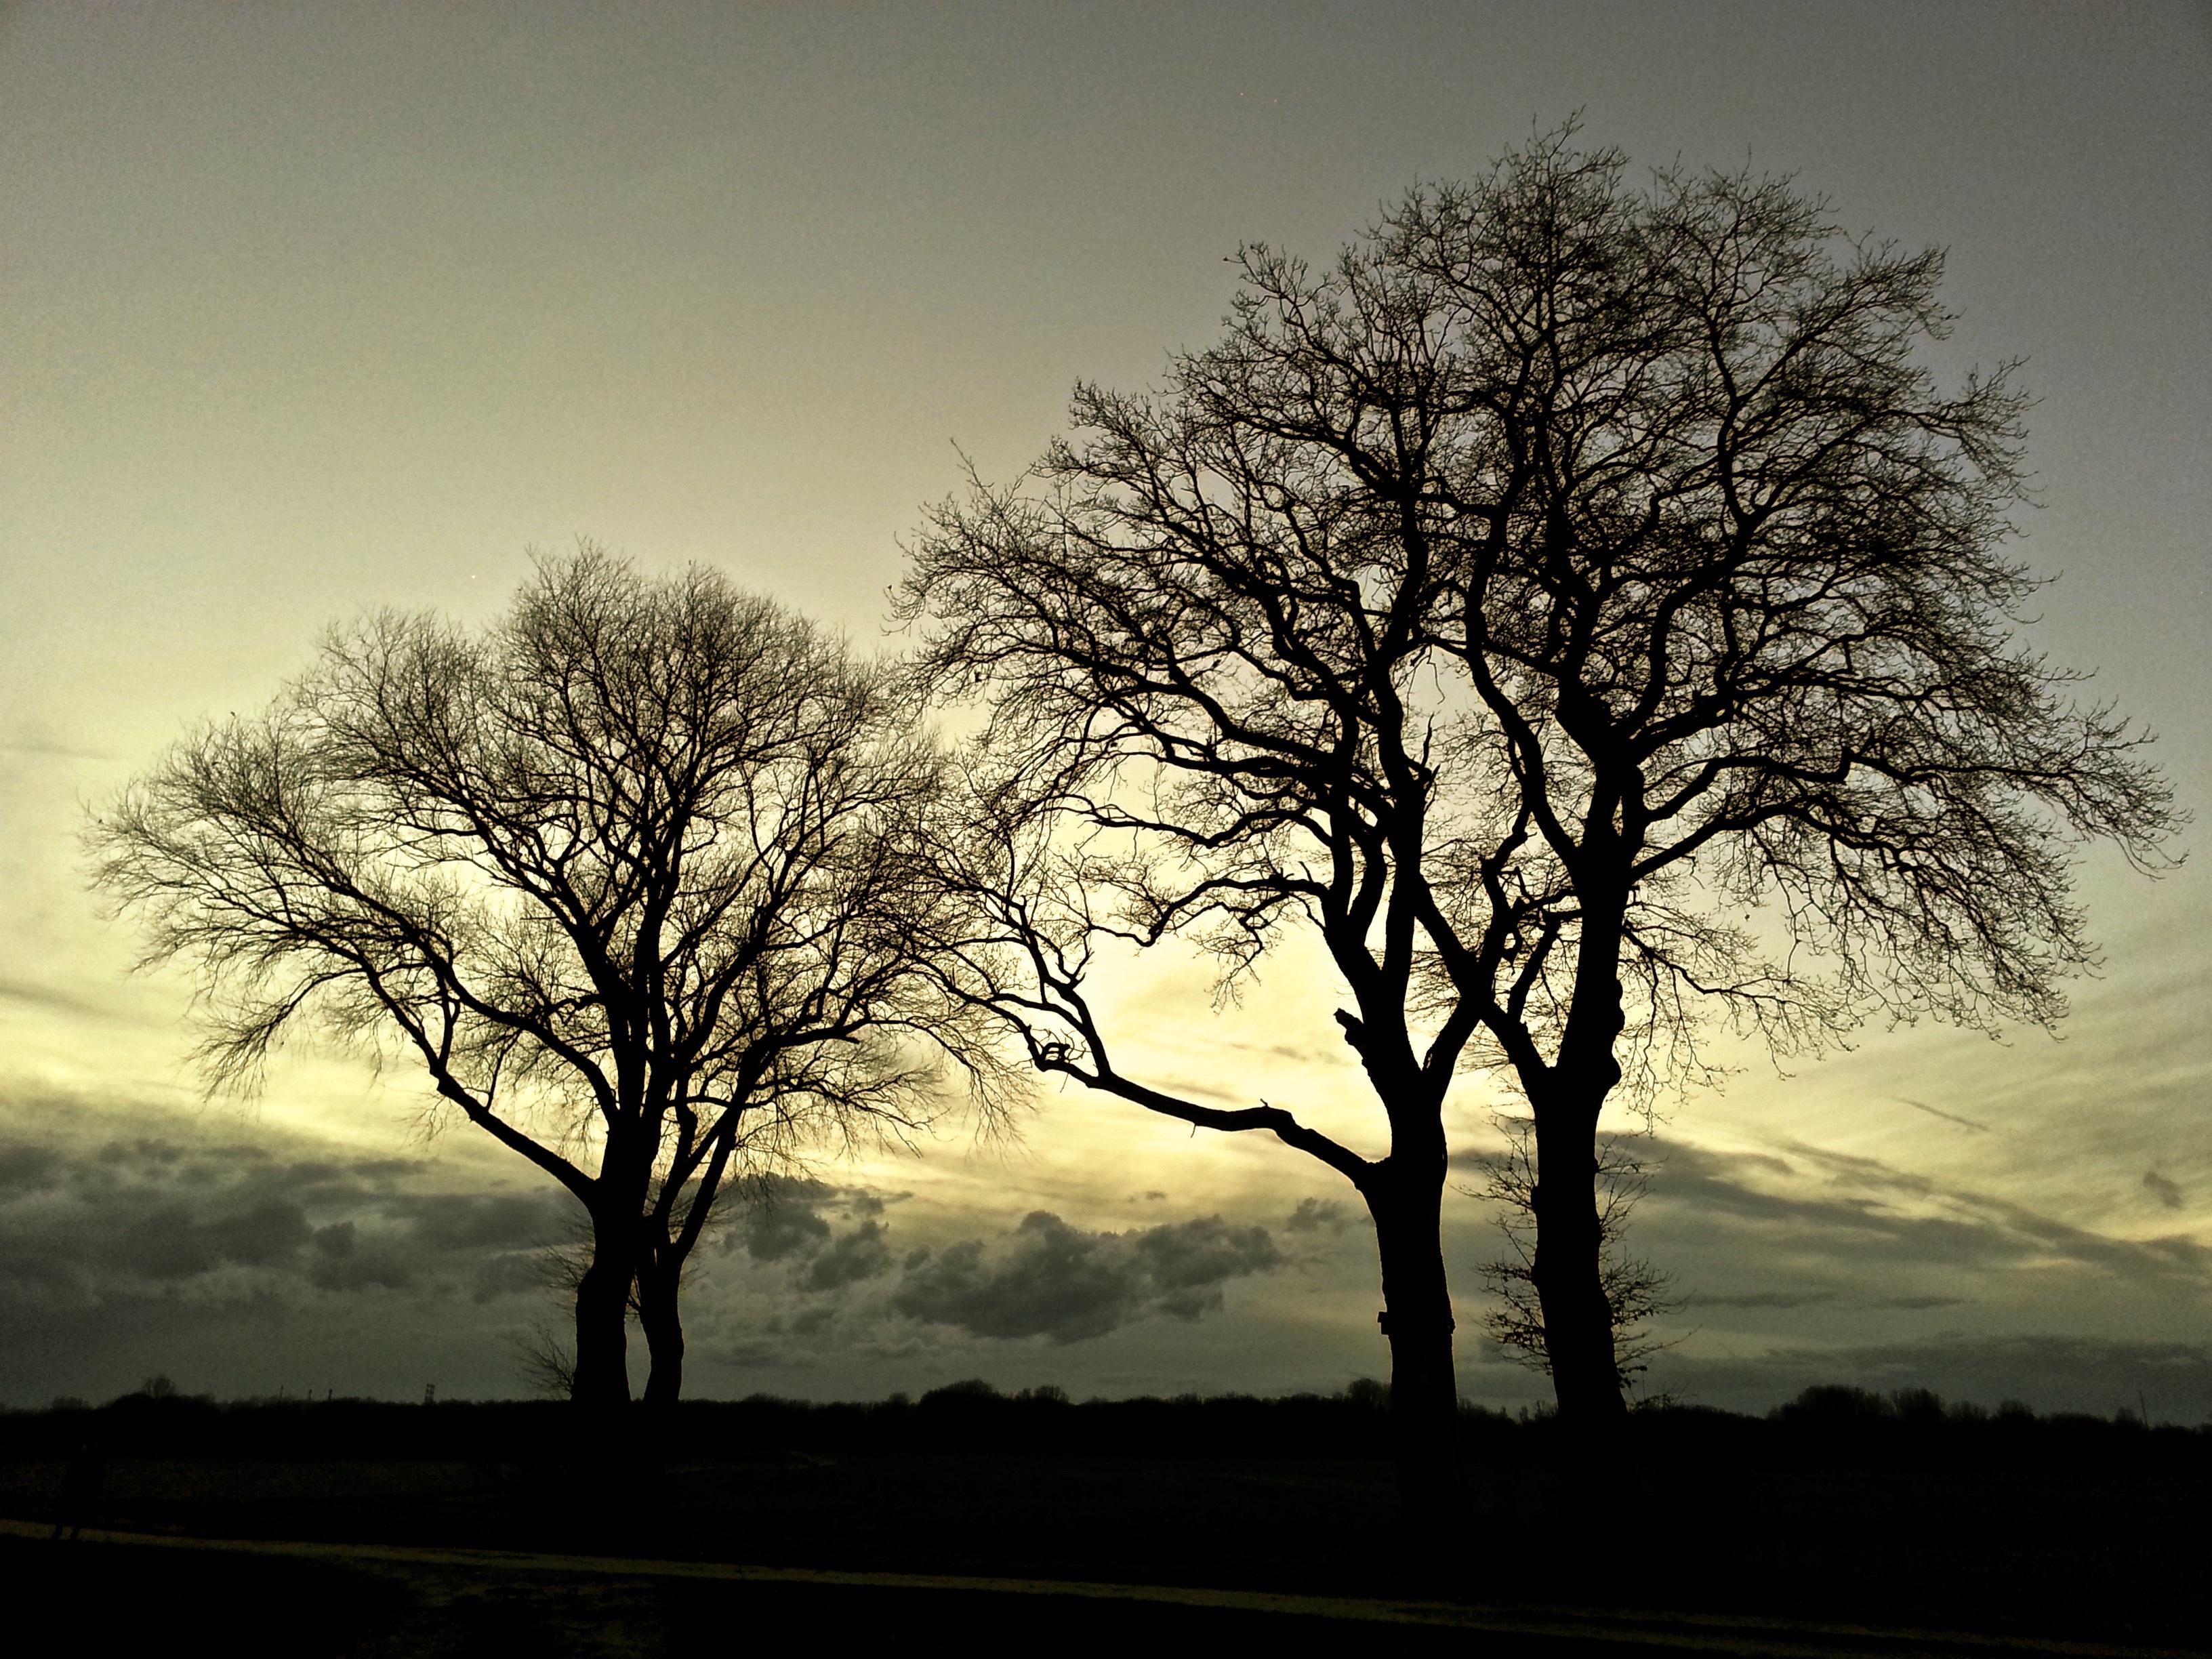 Gratis Afbeeldingen : landschap, natuur, Bos, tak, silhouet, licht ...